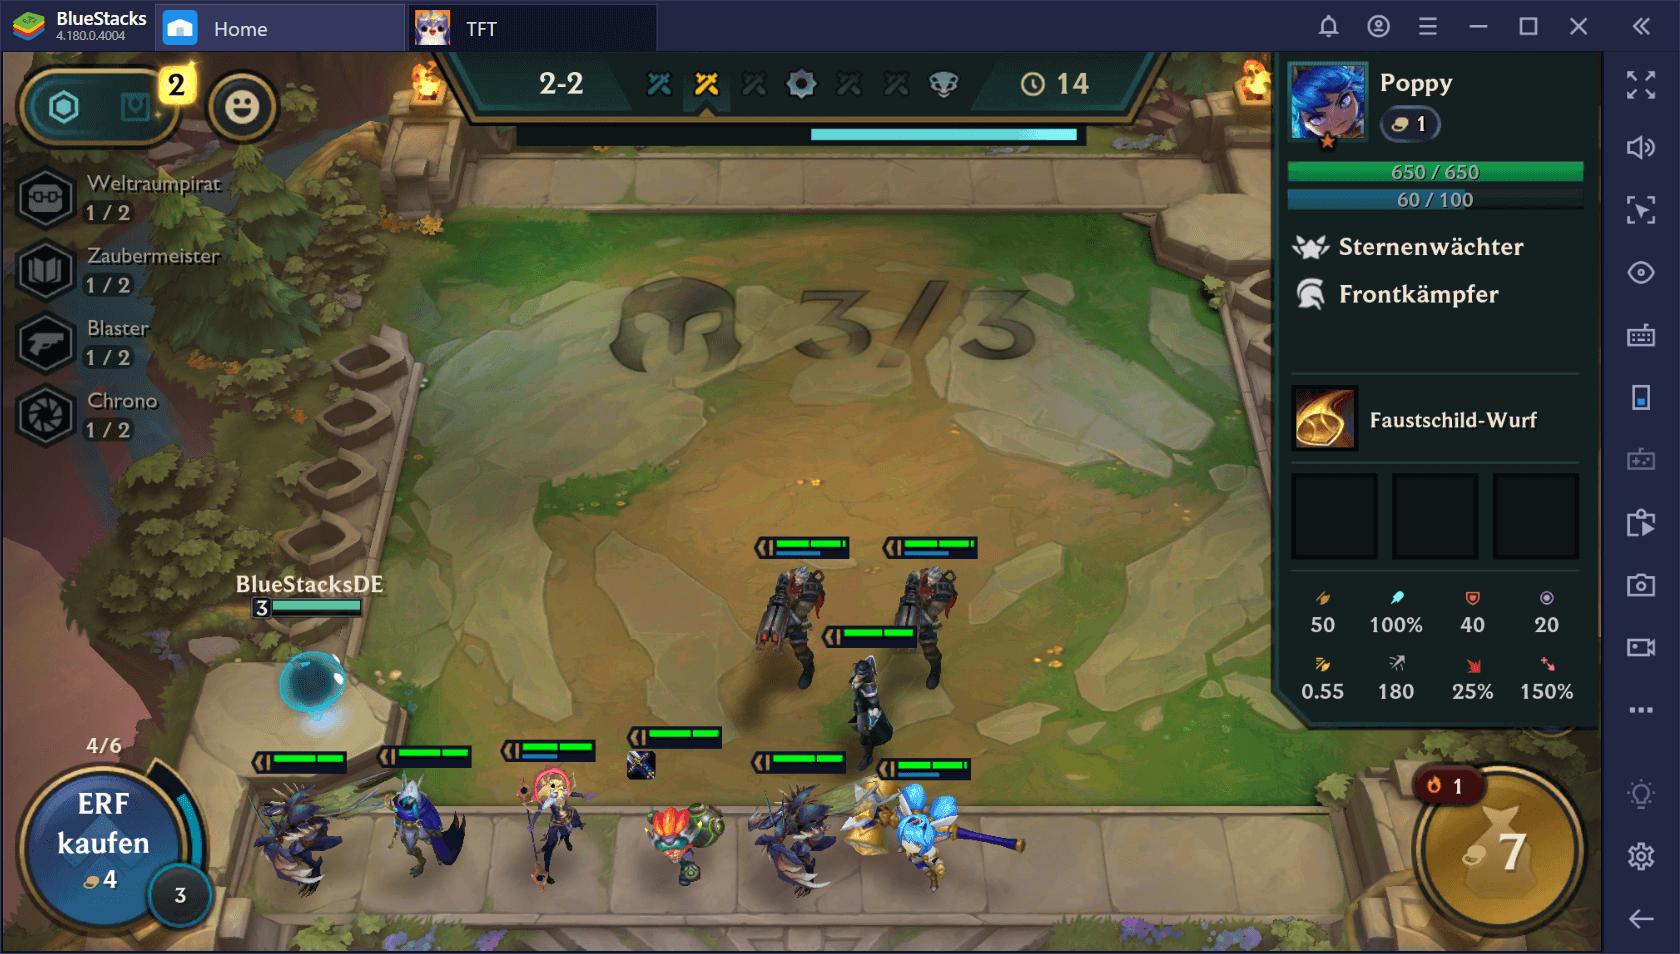 Erste Schritte in Teamfight Tactics auf BlueStacks